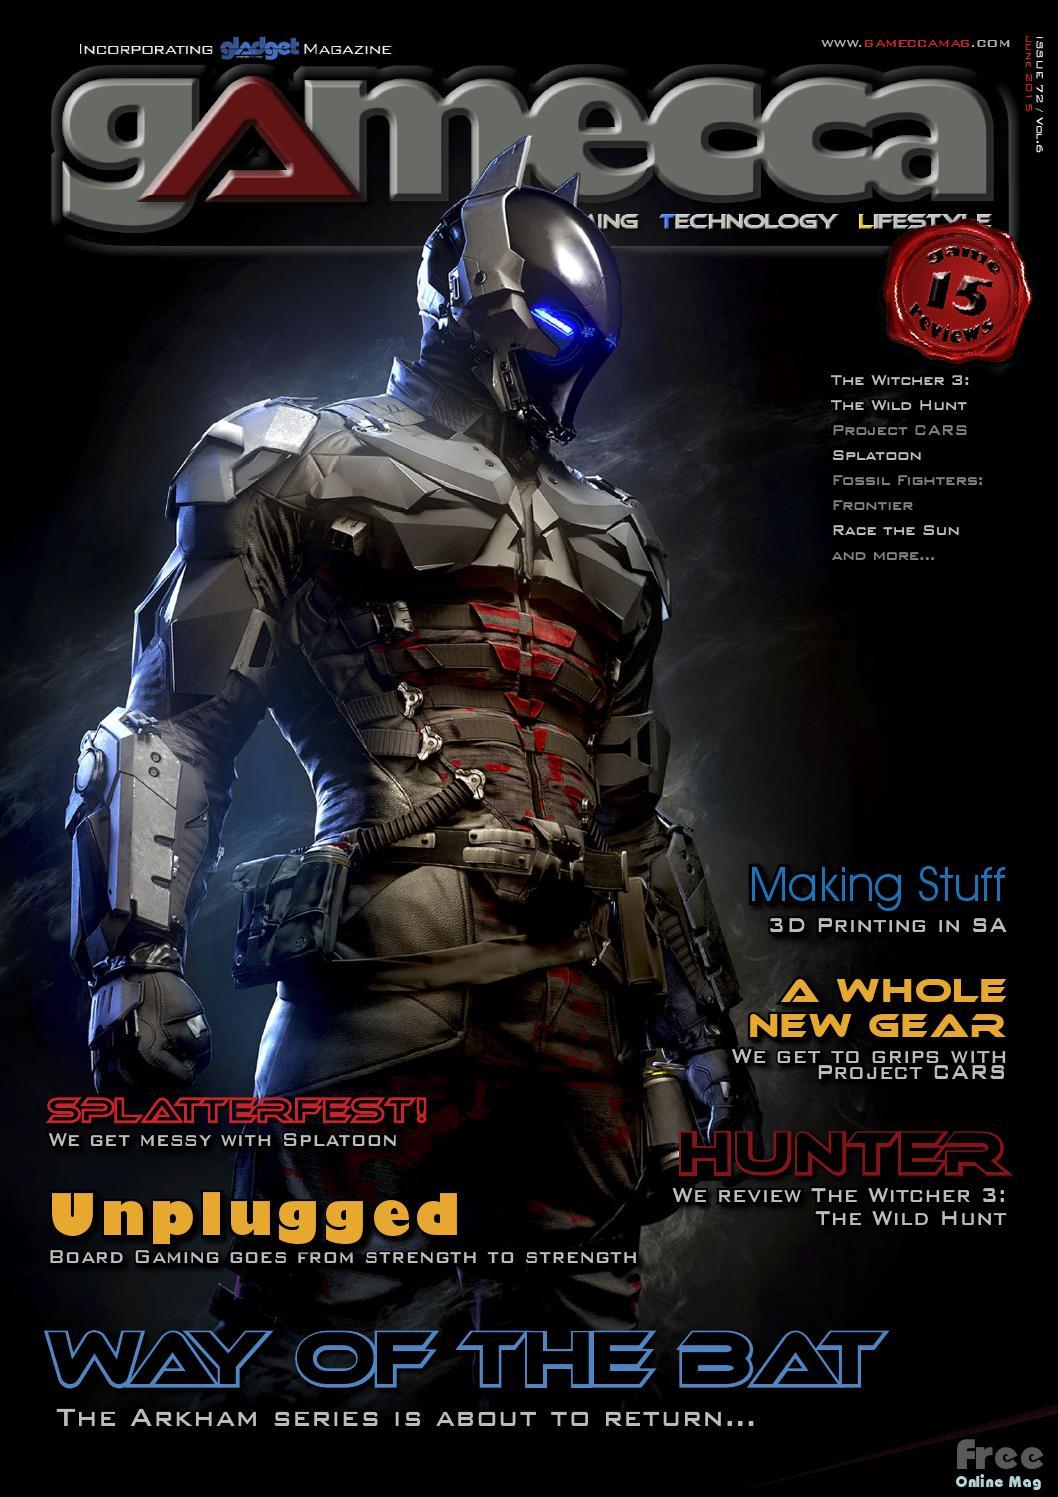 Gamecca Magazine June 2015 by Gamecca Magazine - issuu